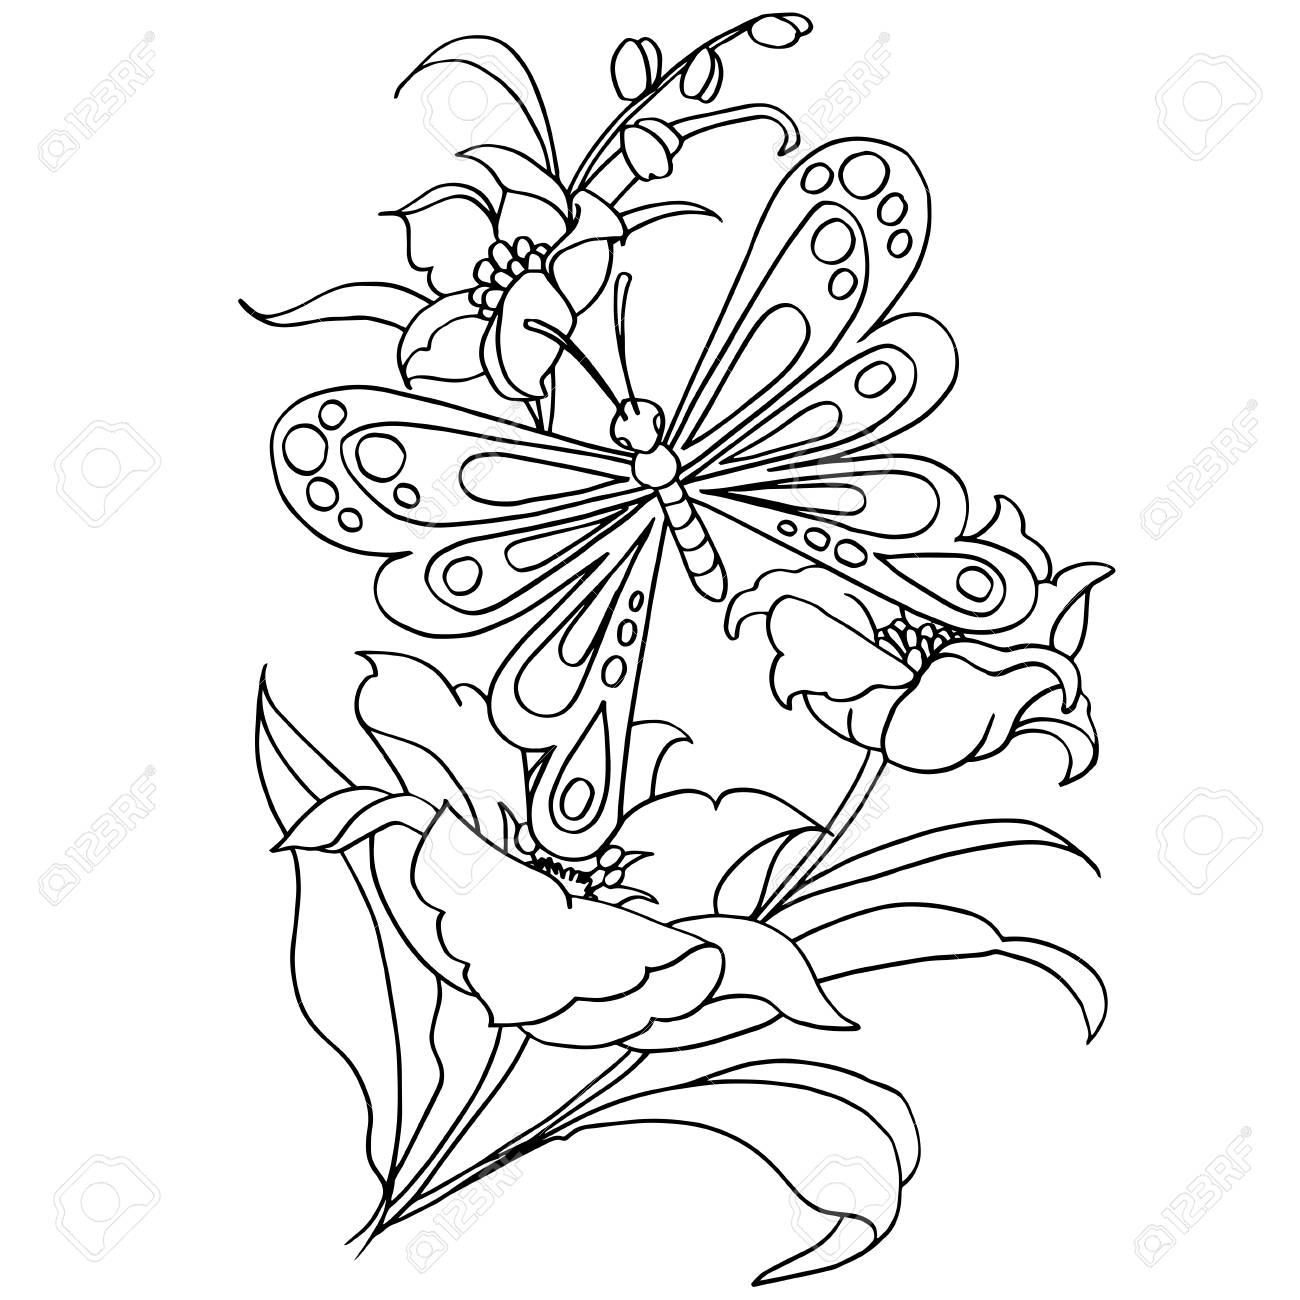 Dibujo De Mariposa Animada Para Colorear Imagesacolorierwebsite